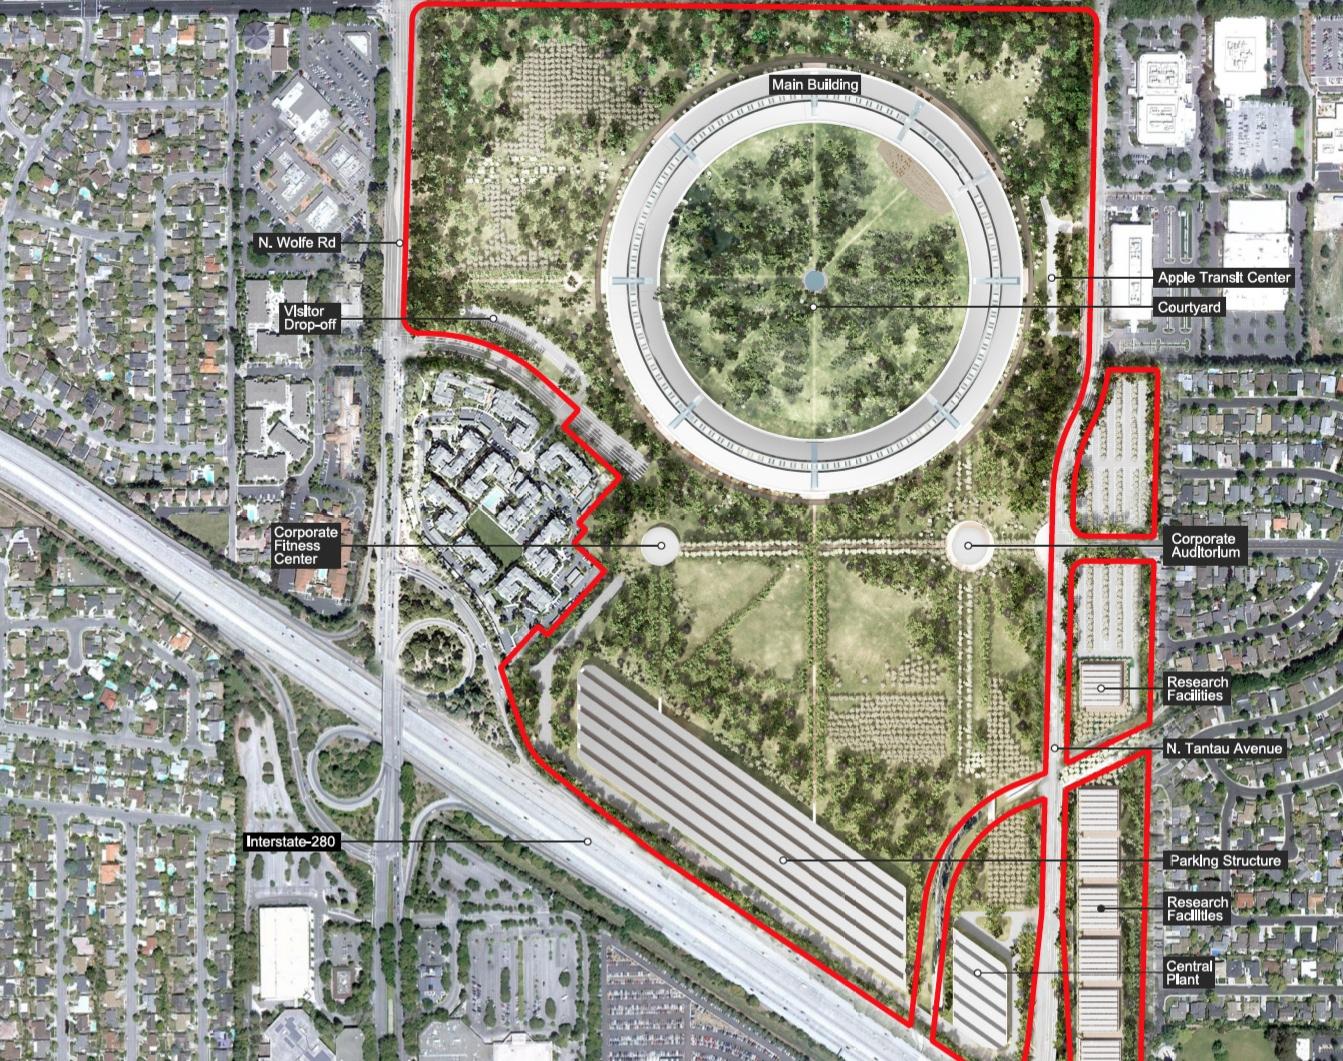 Raumschiffdesign: Details zu Apples neuer Firmenzentrale - Lageplan des Apple Campus 2 (Bild: Apple/Cupertino.org/Foster + Partners)